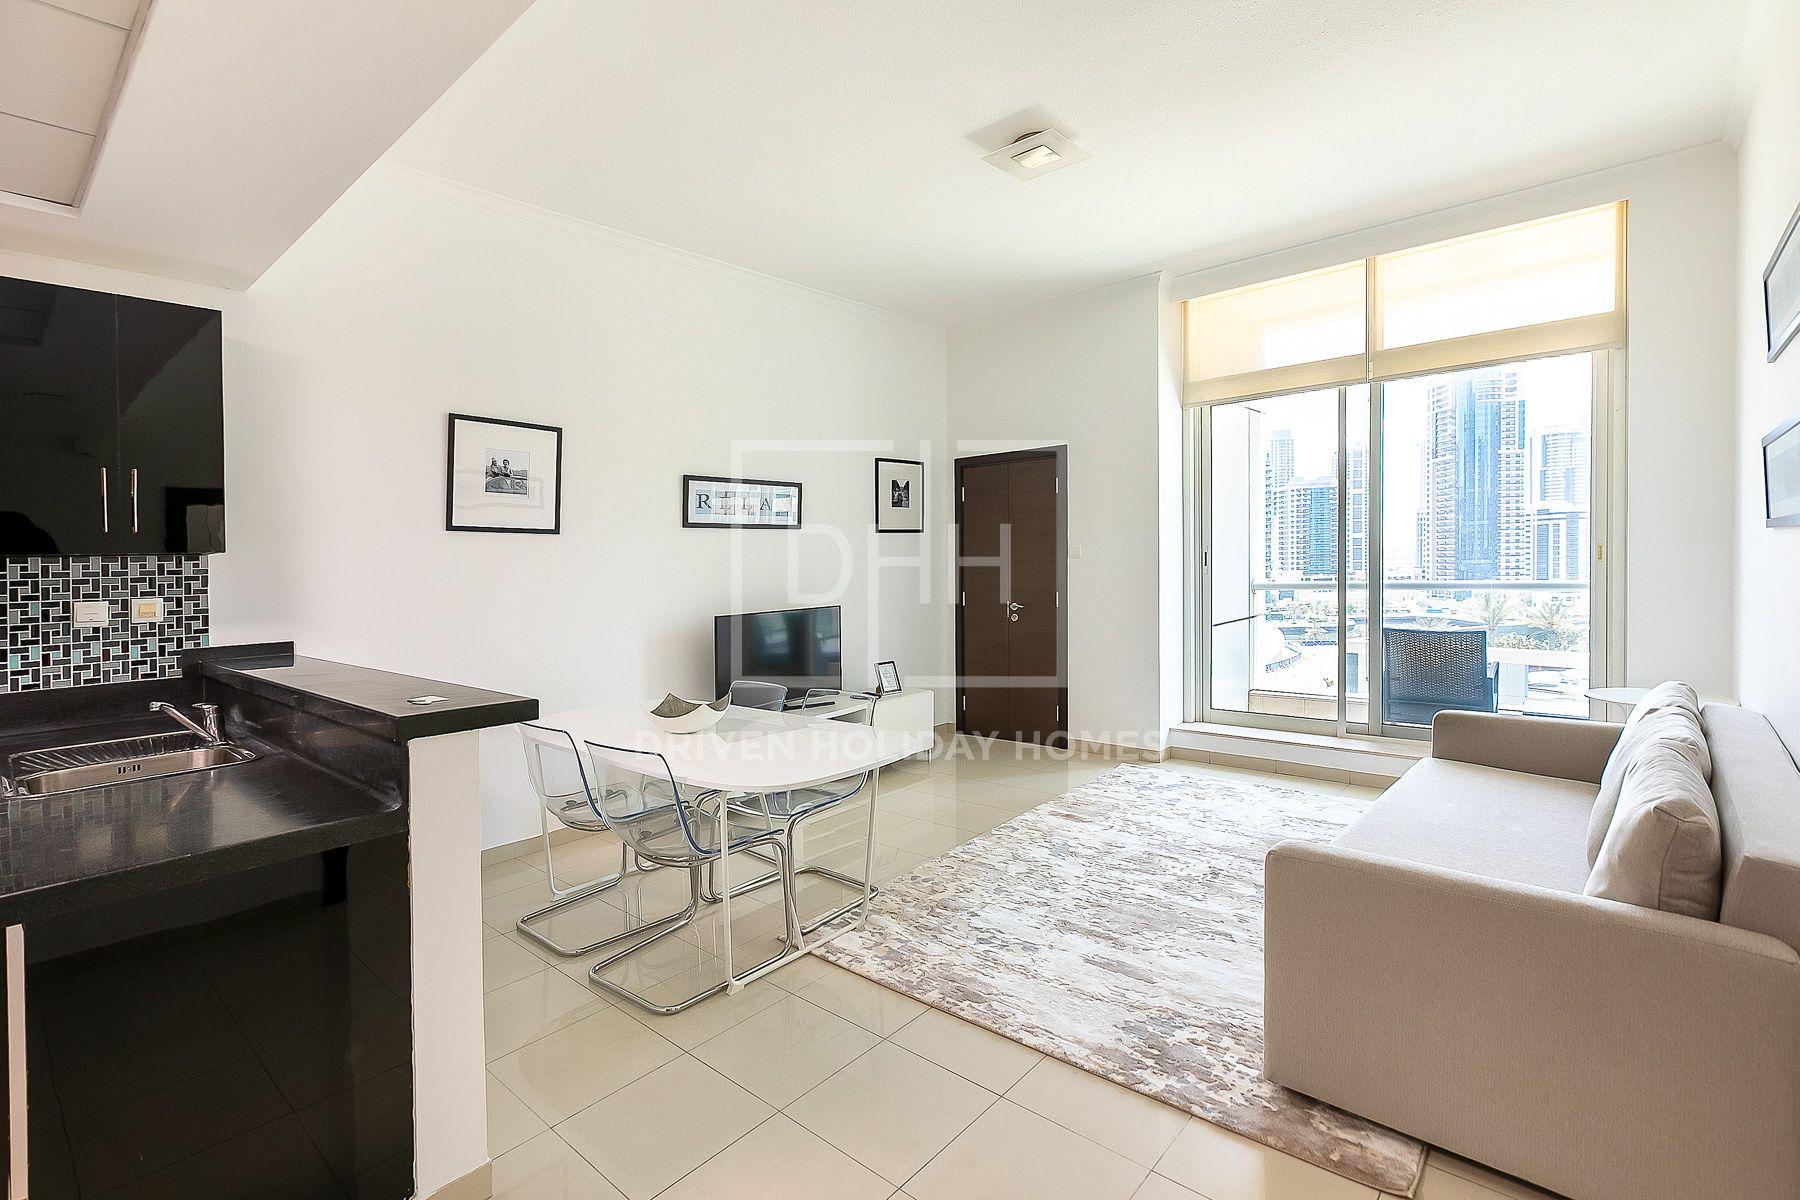 721 قدم مربع  شقة - للايجار - دبي مارينا